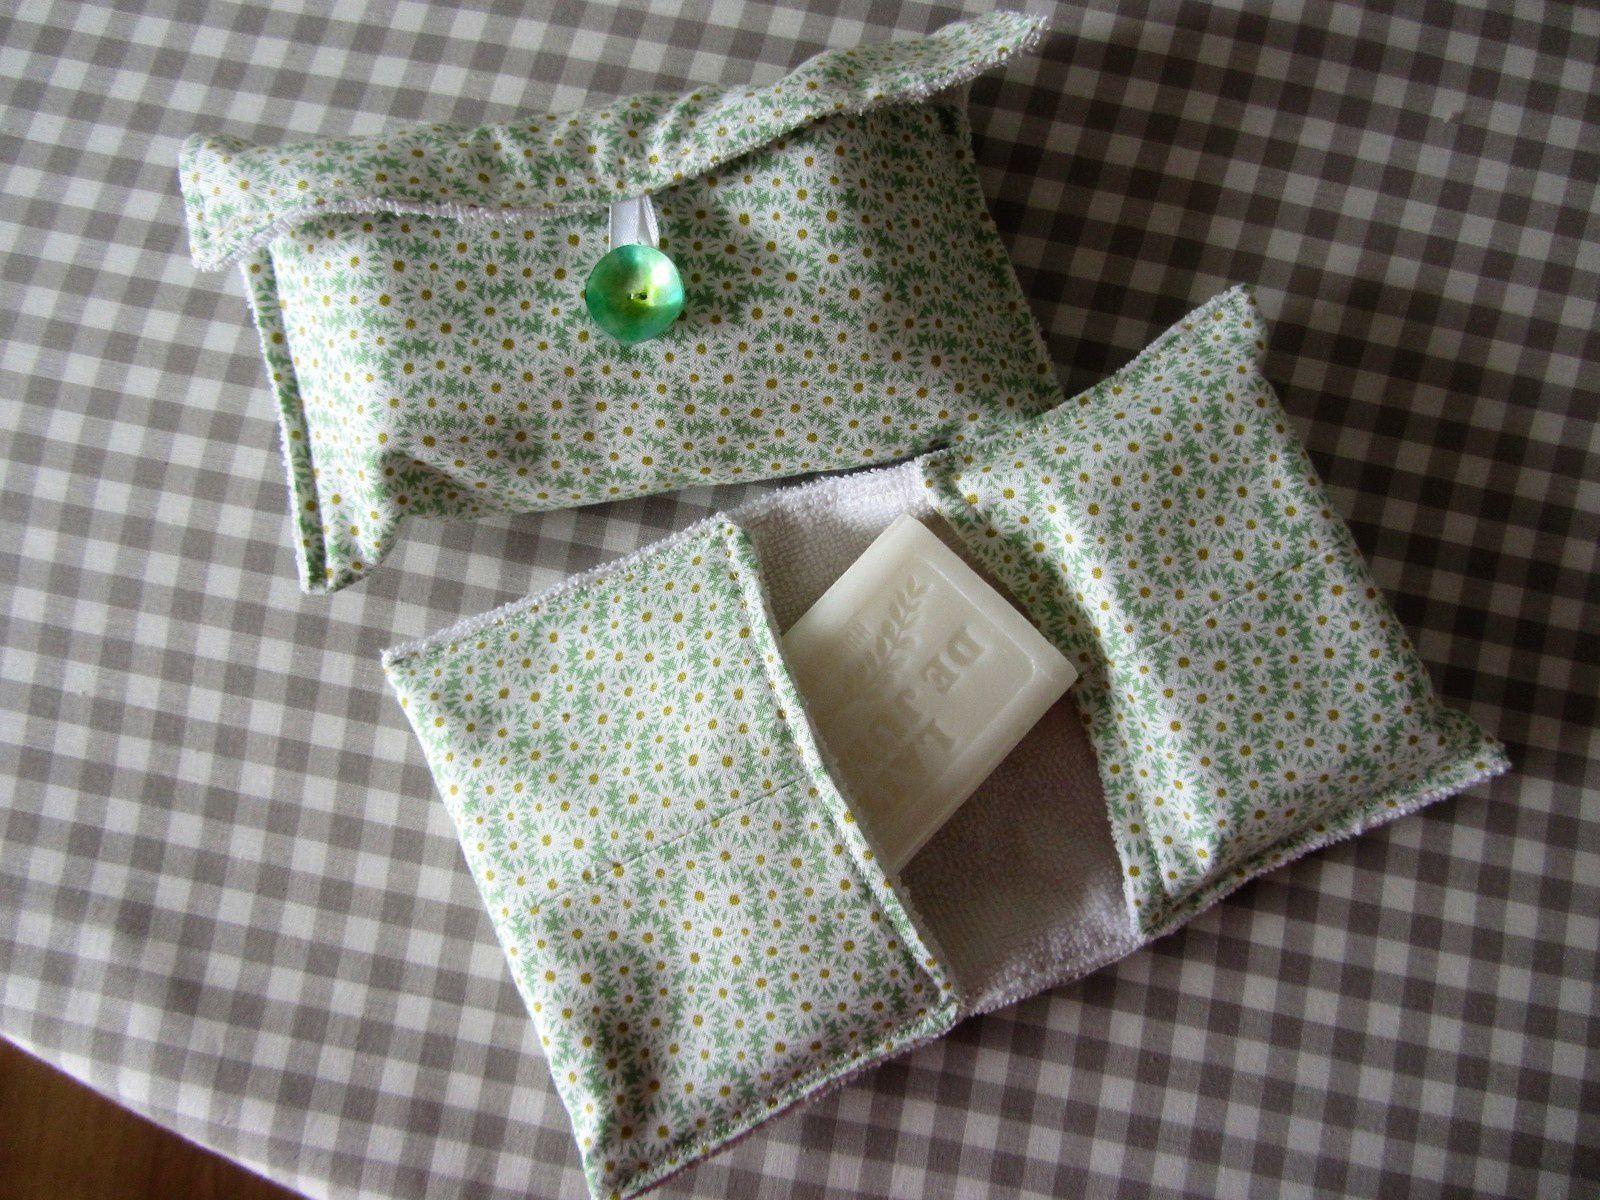 J'ai également fabriqué deux petites pochettes. La première pour transporter le savon. Plus de gel douche qui génère trop de déchets avec les emballages plastiques.